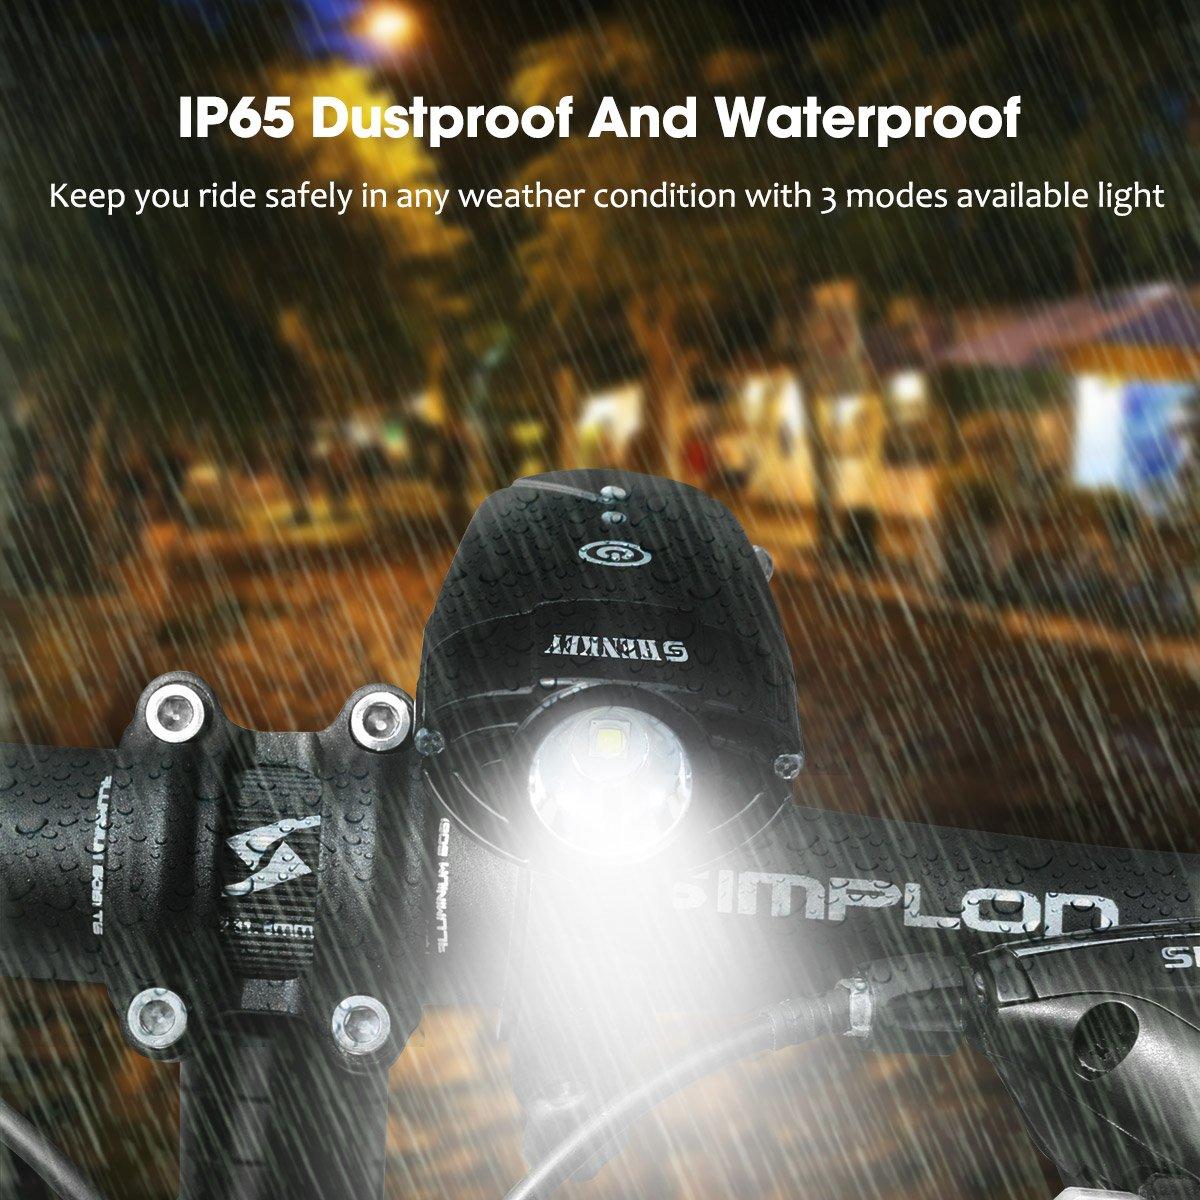 Amazon com : shenkey Bicycle Lights | 2000mAh/1000 Lumen LED Bicycle